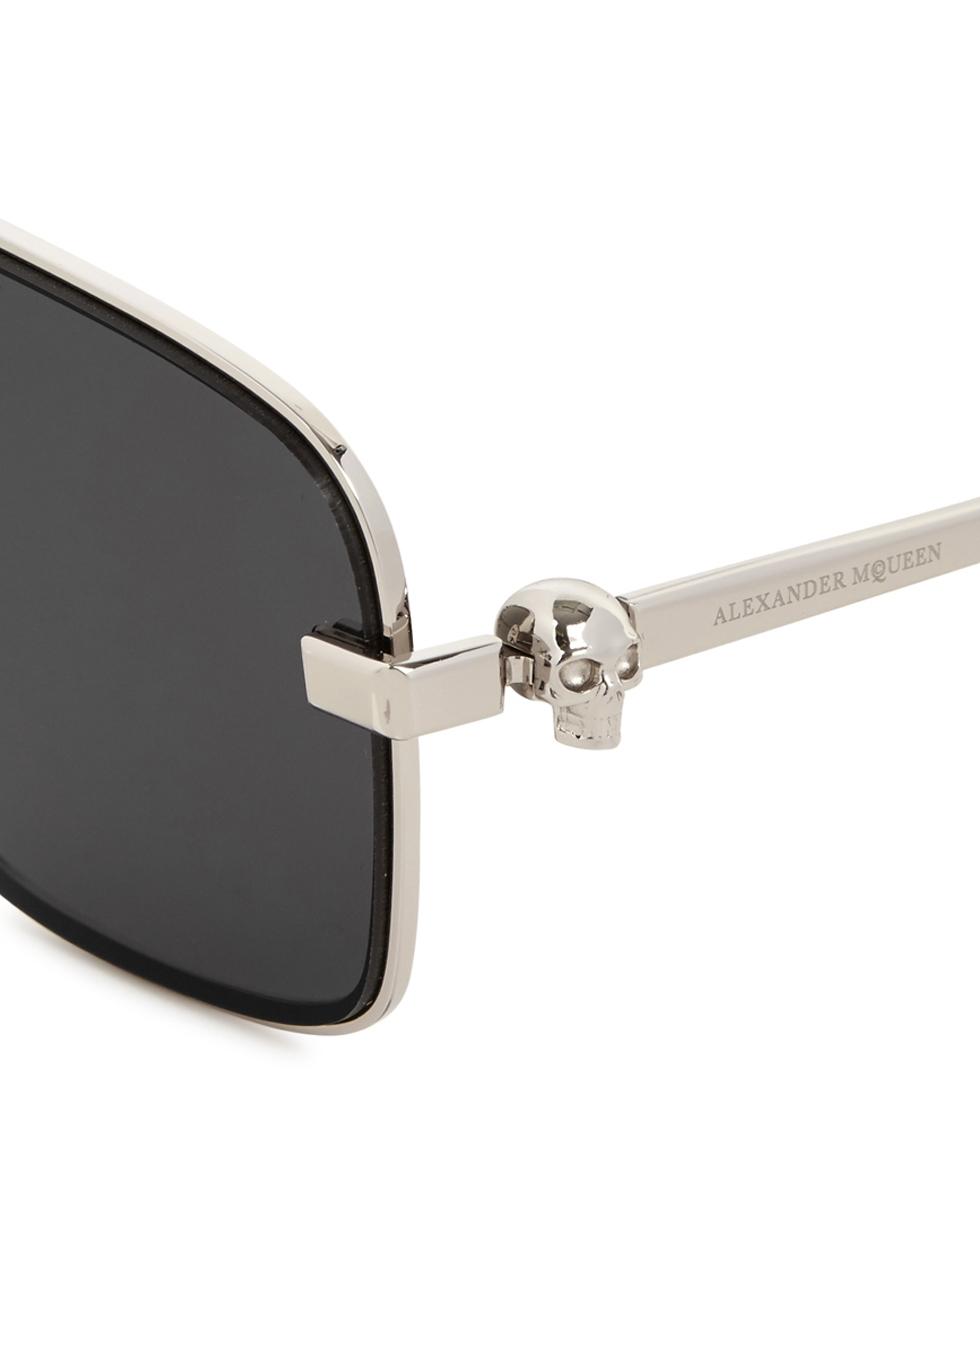 Silver tone aviator-style sunglasses - Alexander McQueen